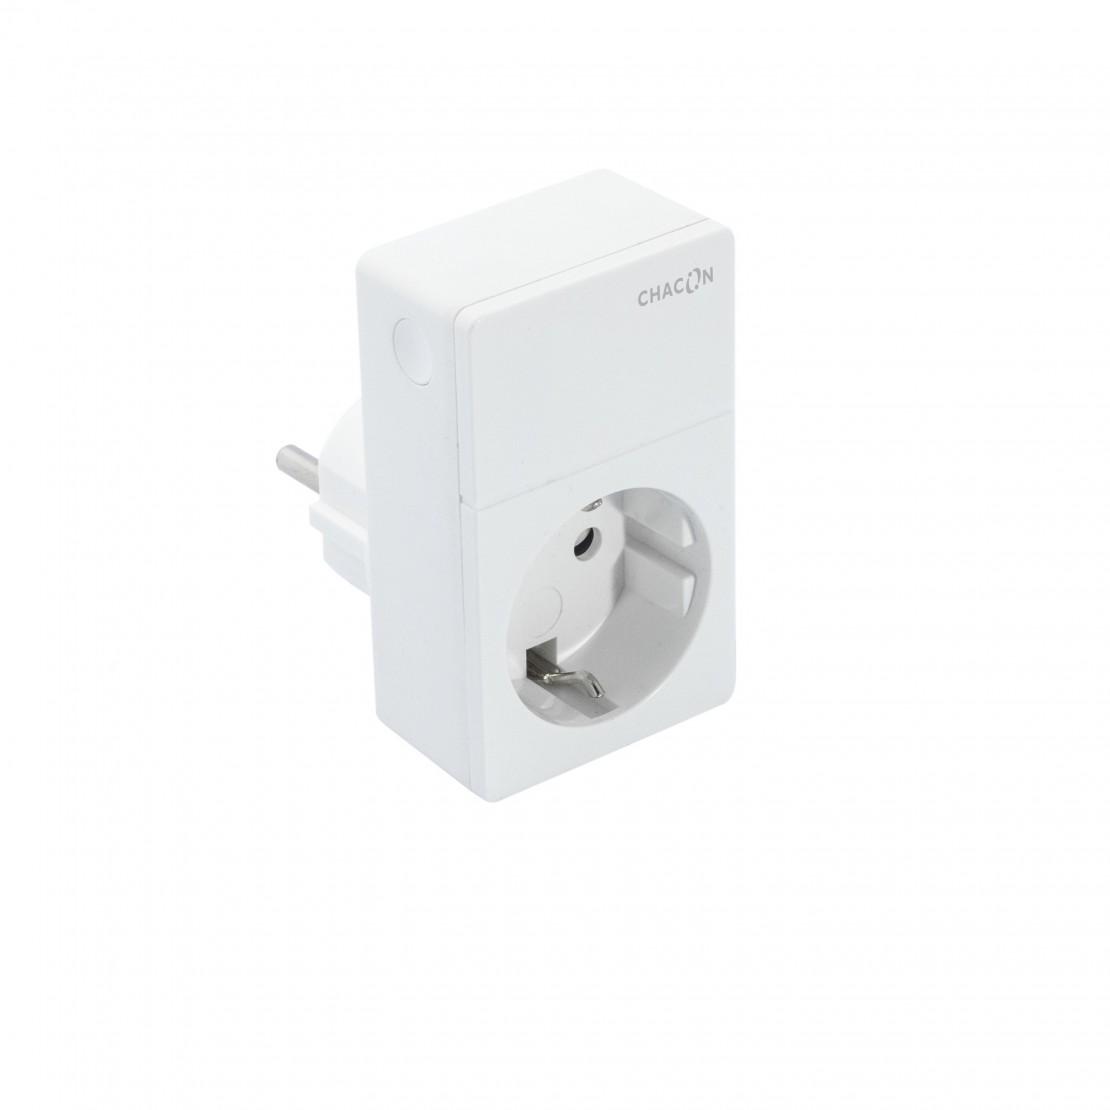 CHACON Wi-Fi stekker (SCH)